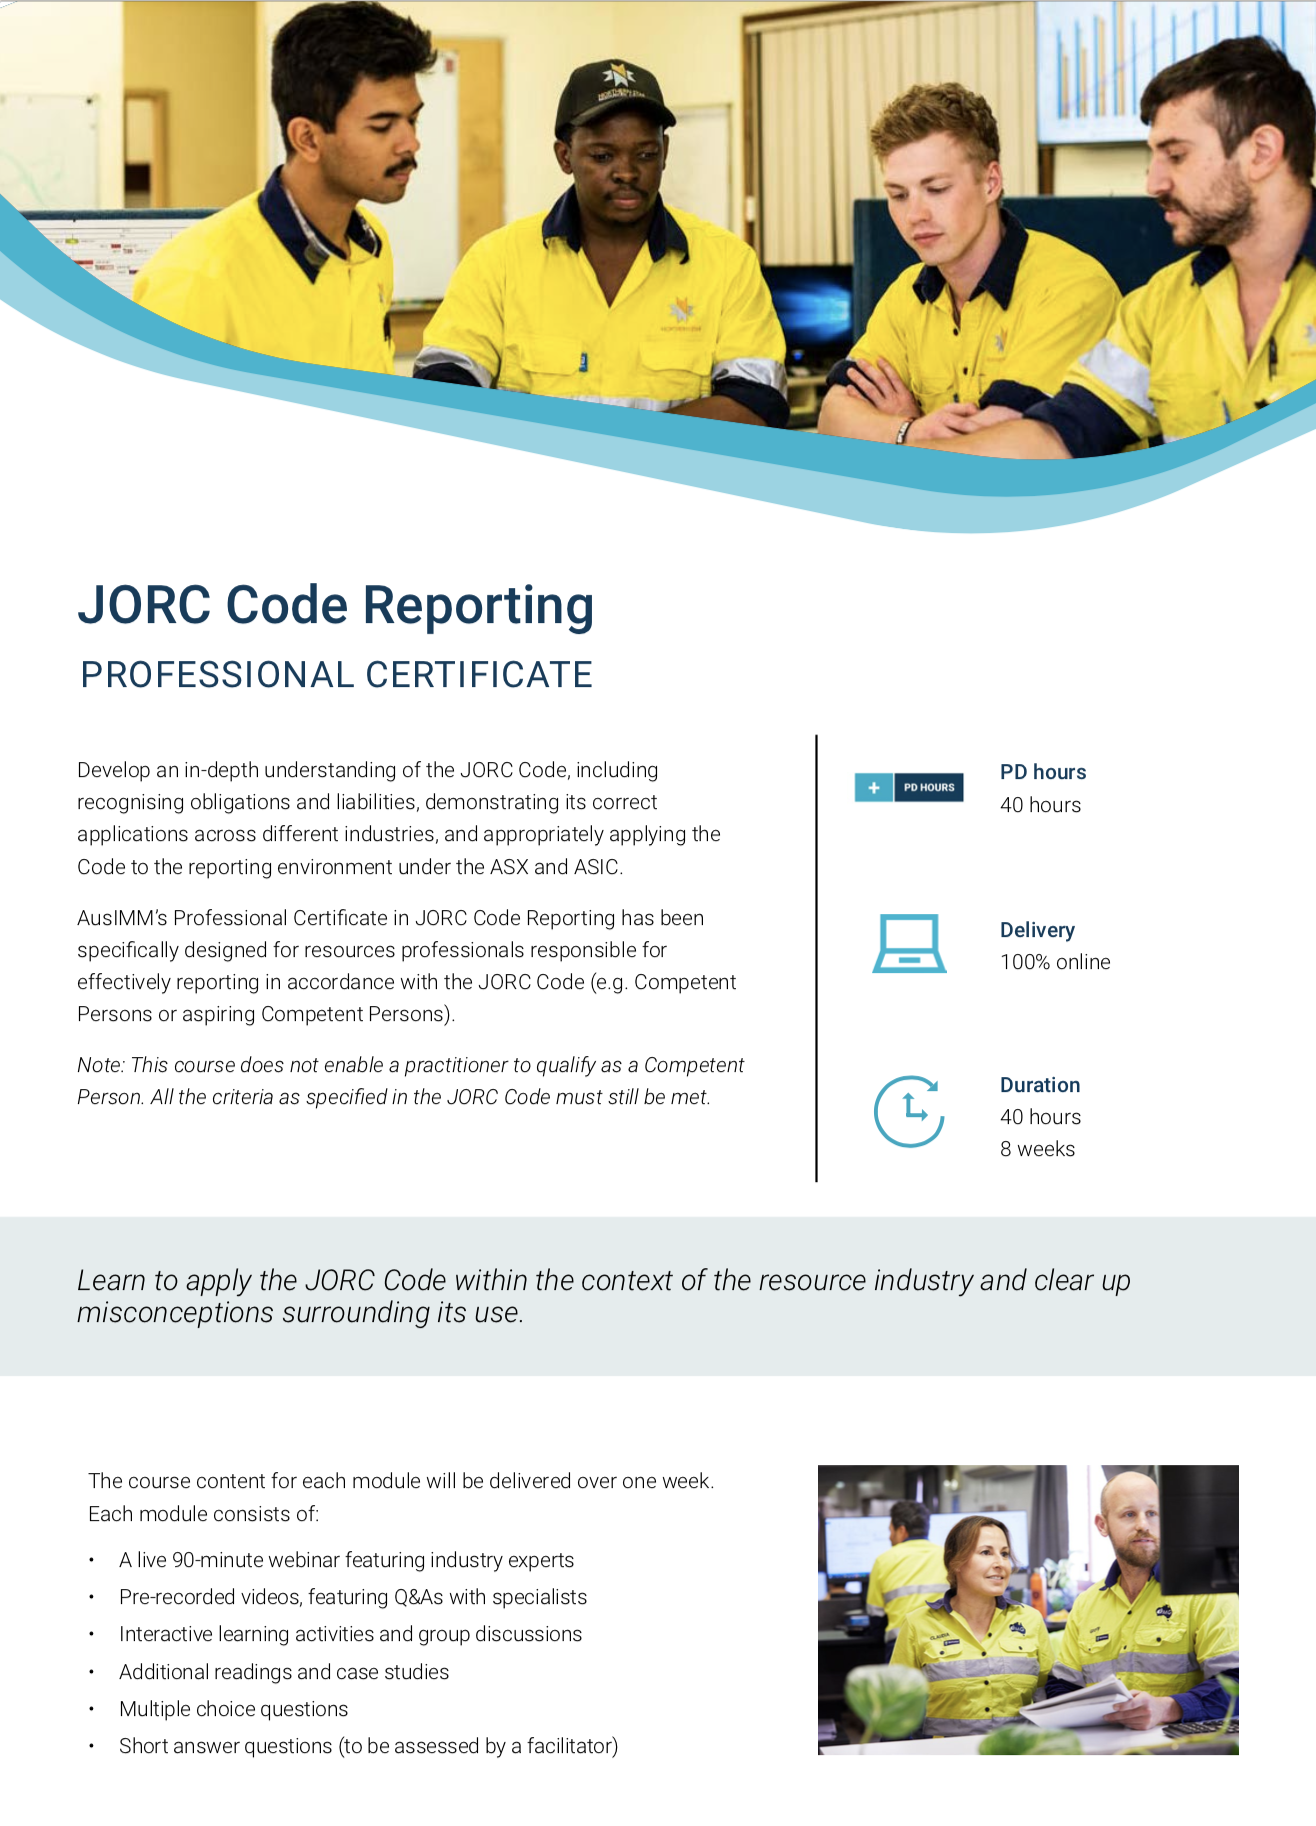 JORC Code Reporting Professional Certificate